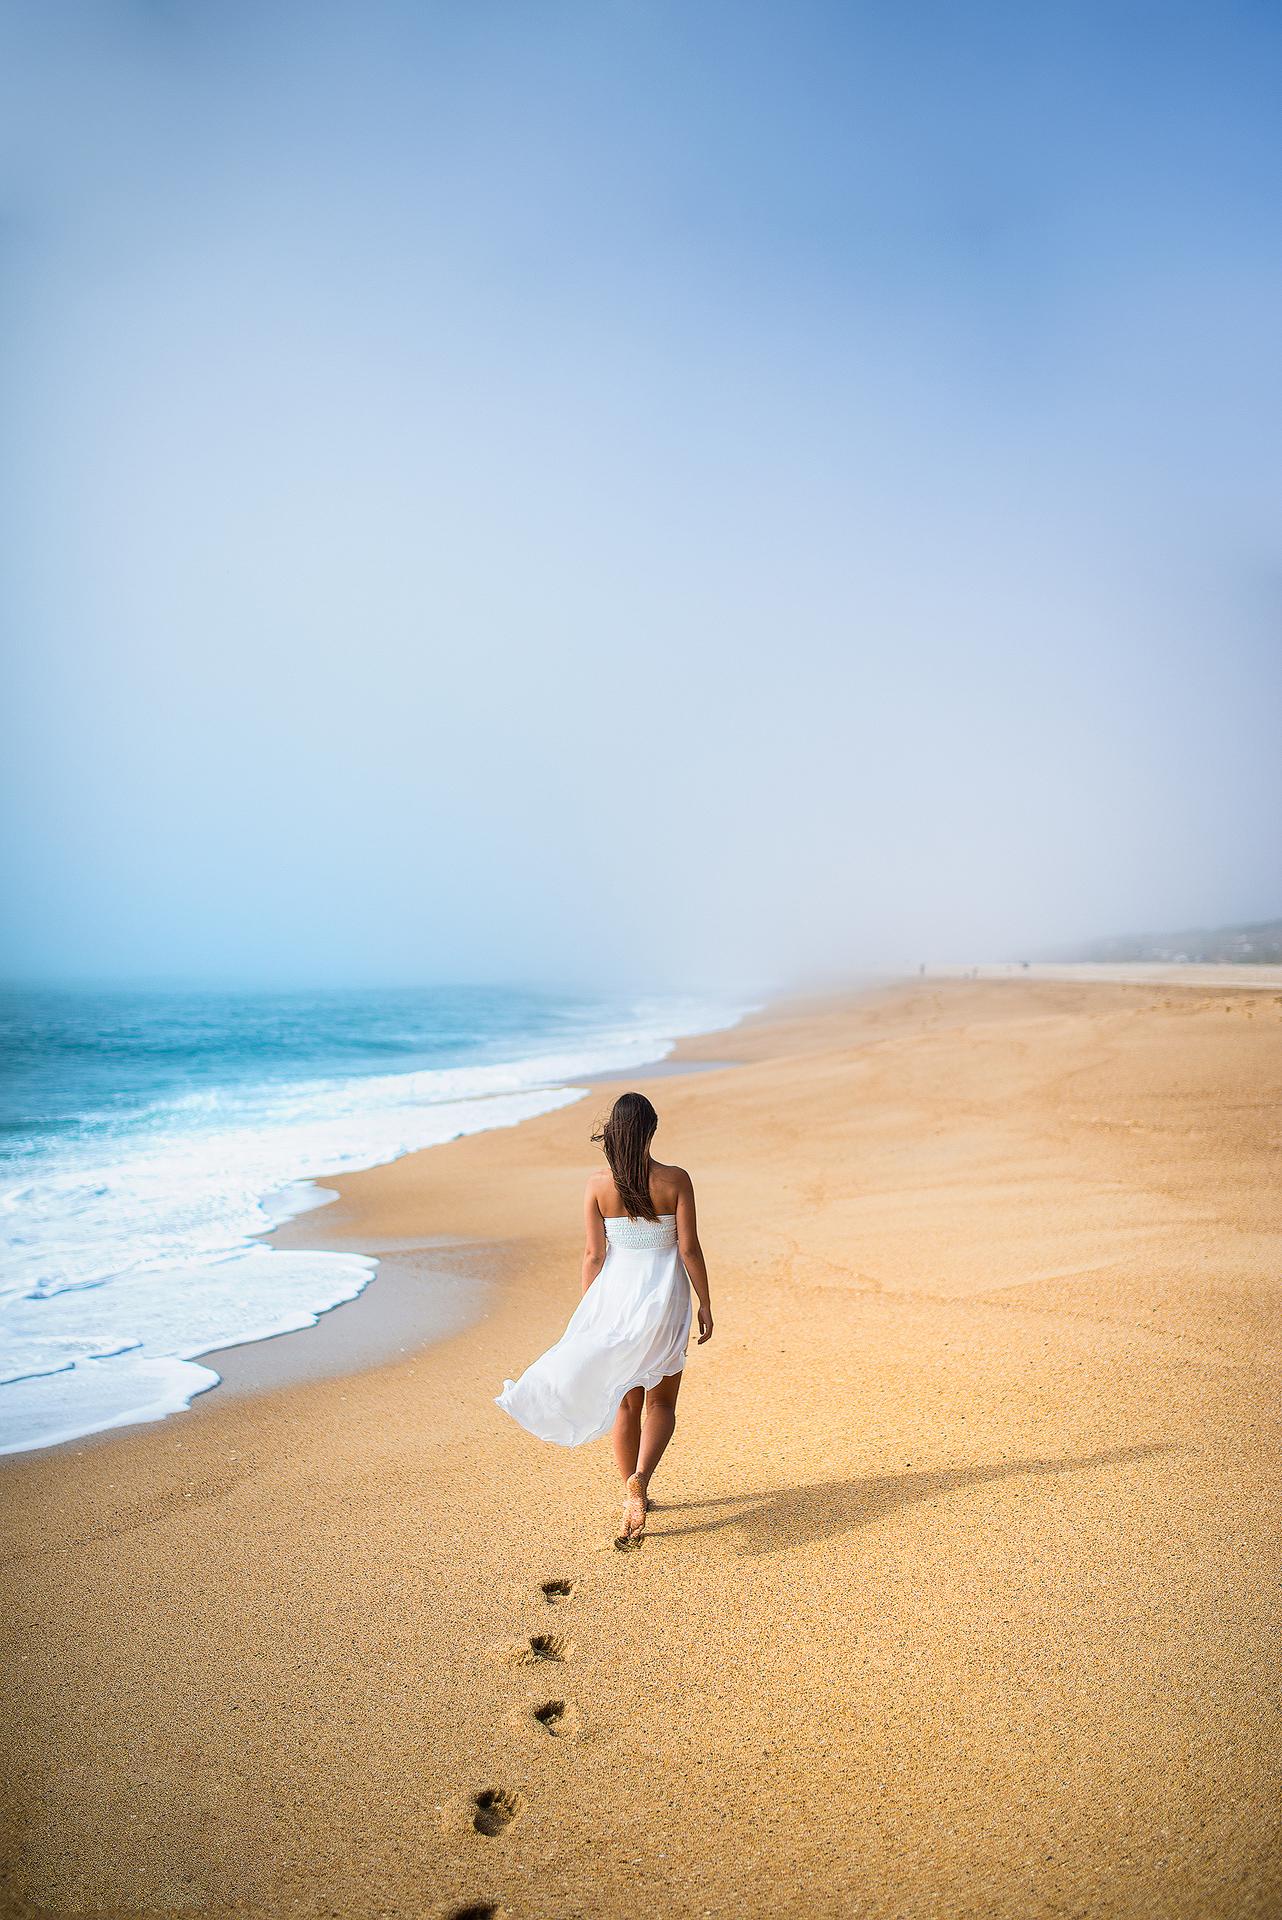 Lungo la costa...